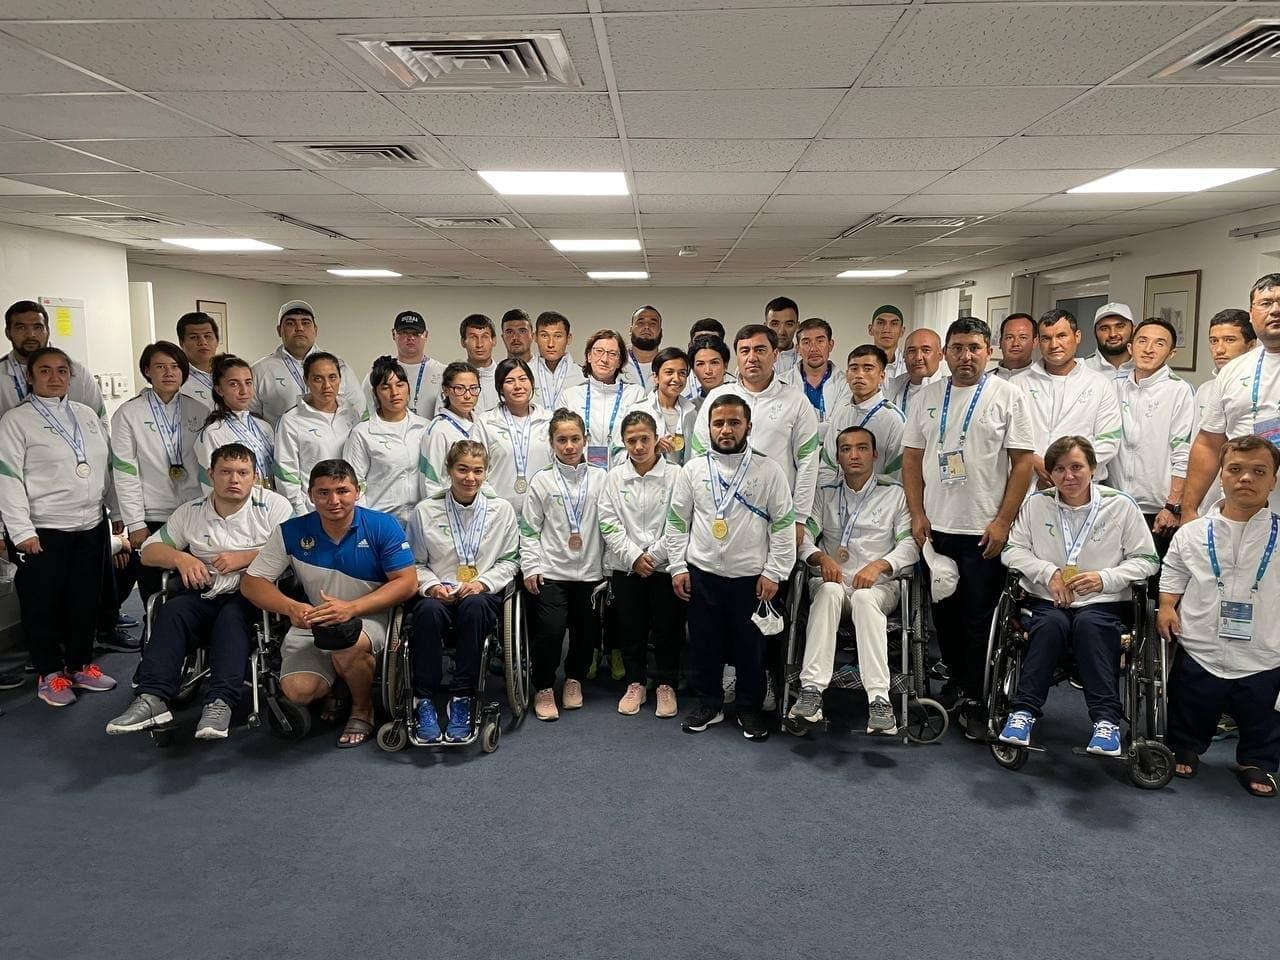 Спортсмены из Узбекистана завоевали 24 медали в Дубае